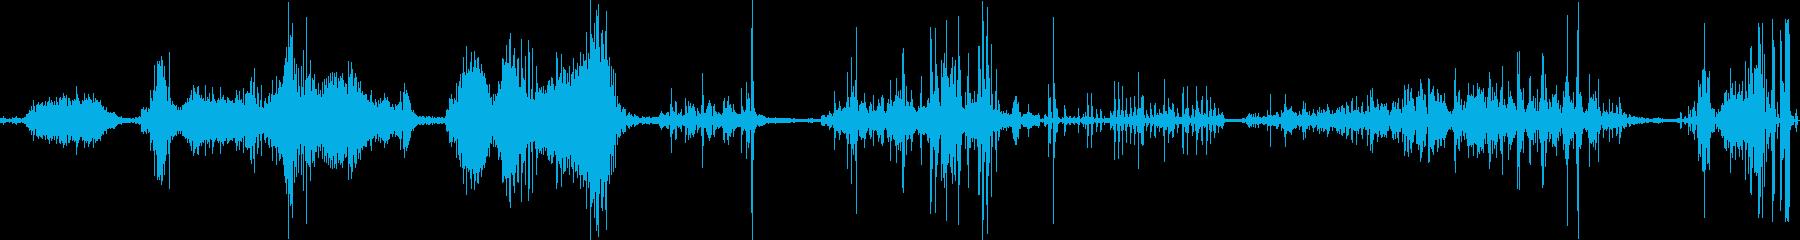 地震おしゃべりランブルの再生済みの波形